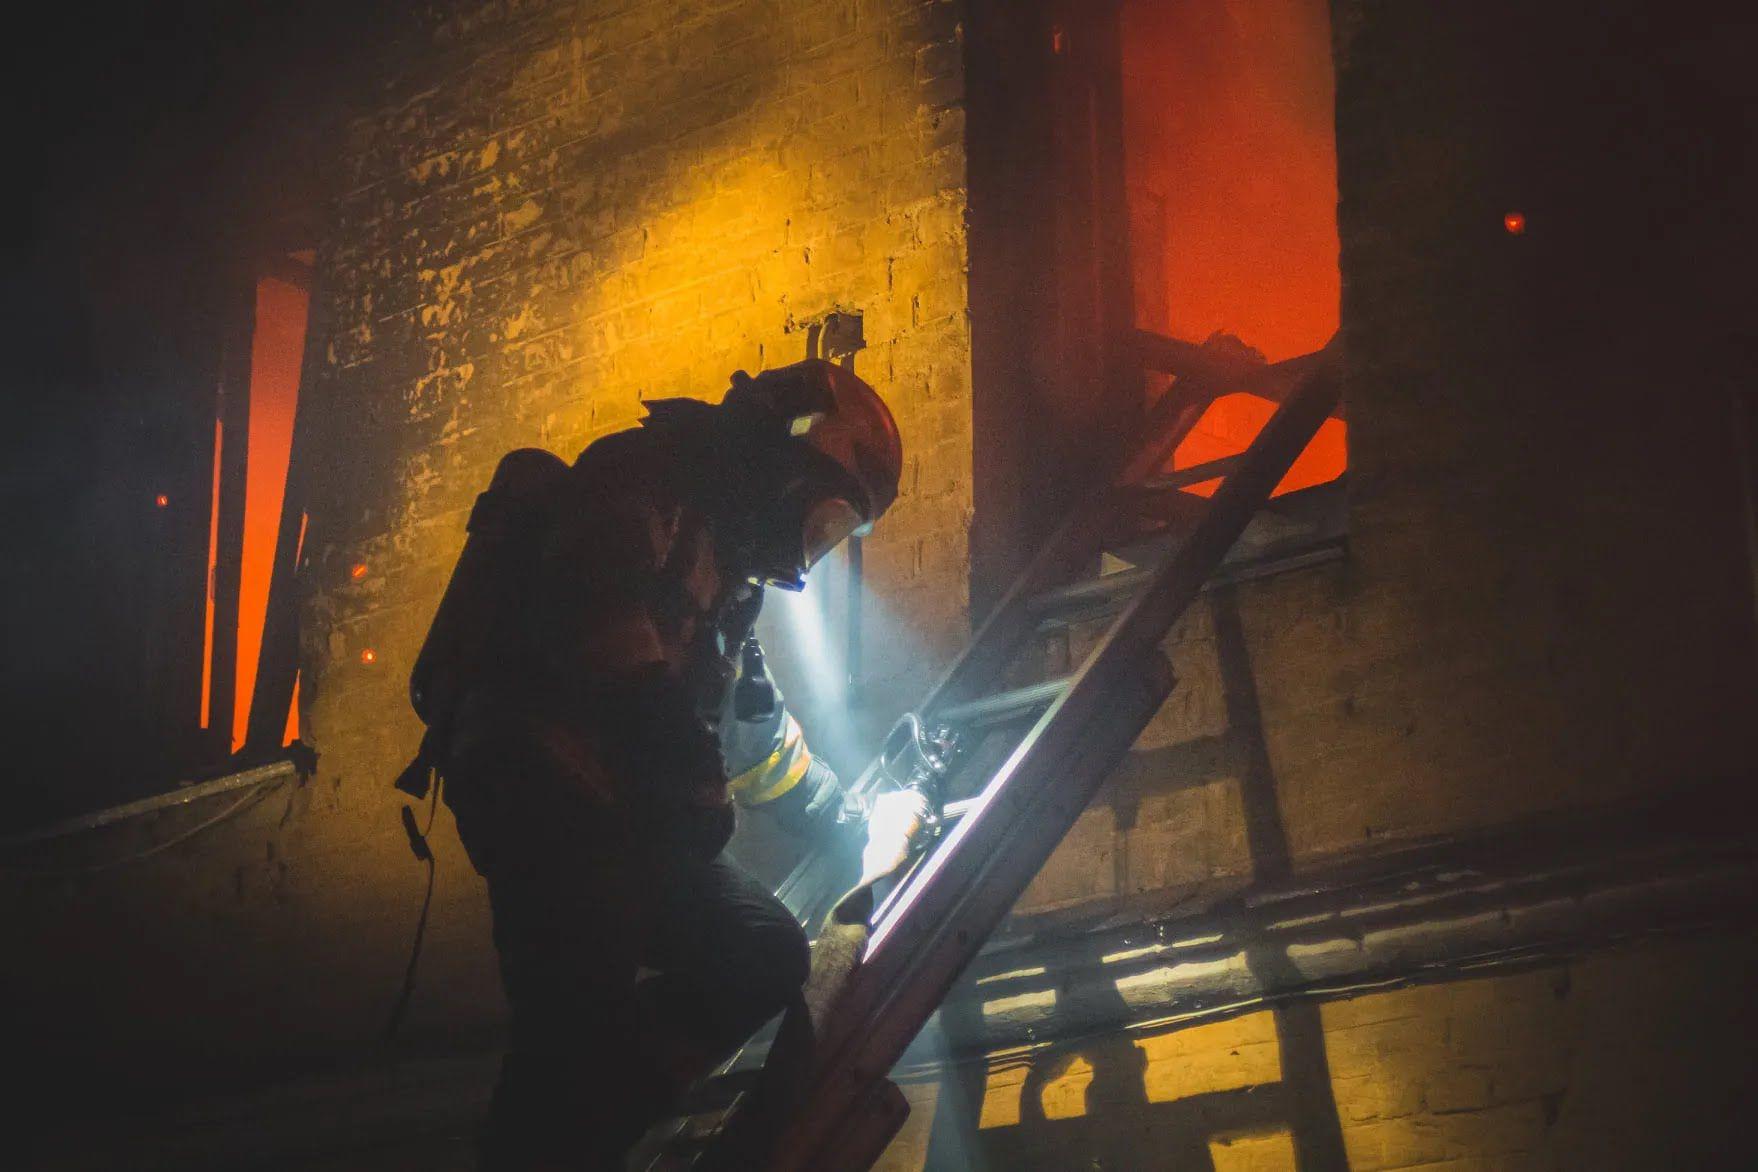 Рятувальник піднявся до вікна, де вирує полум'я